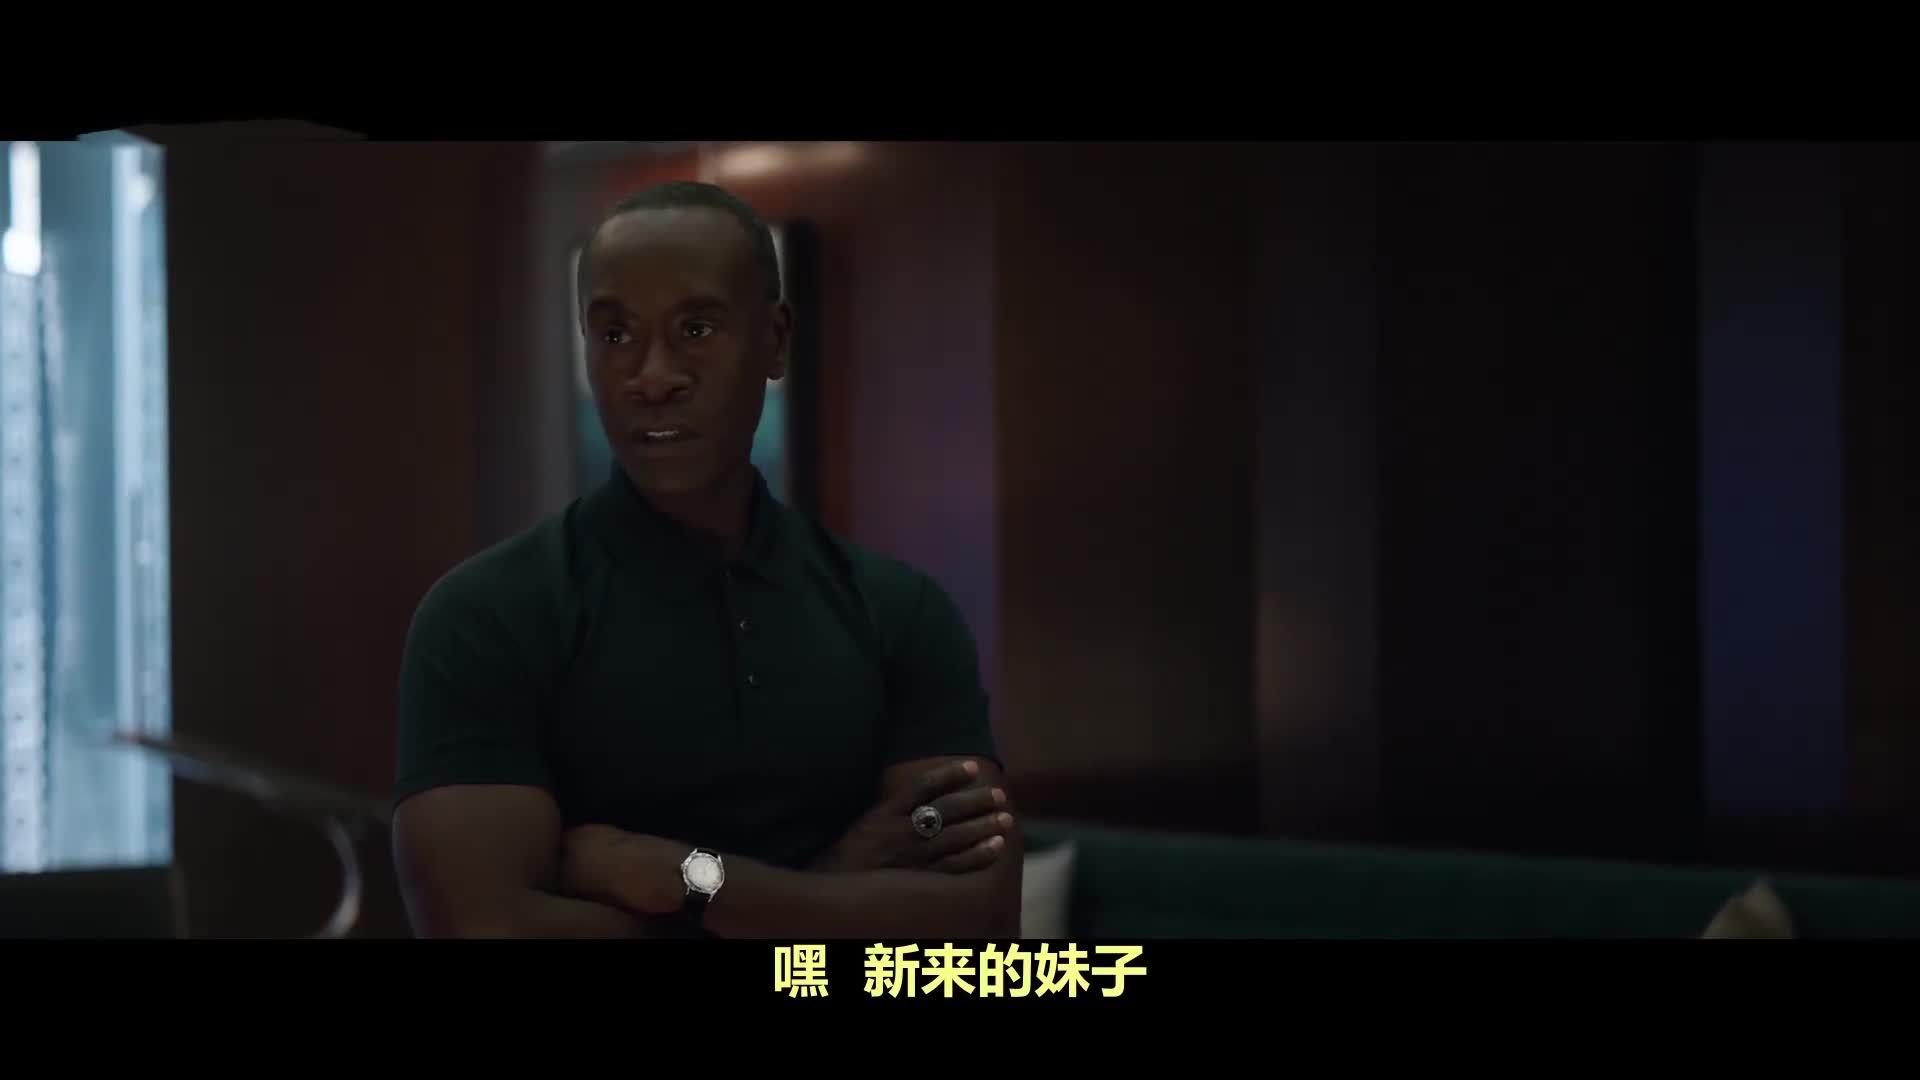 《复仇者联盟4:终局之战》首曝正片内容!